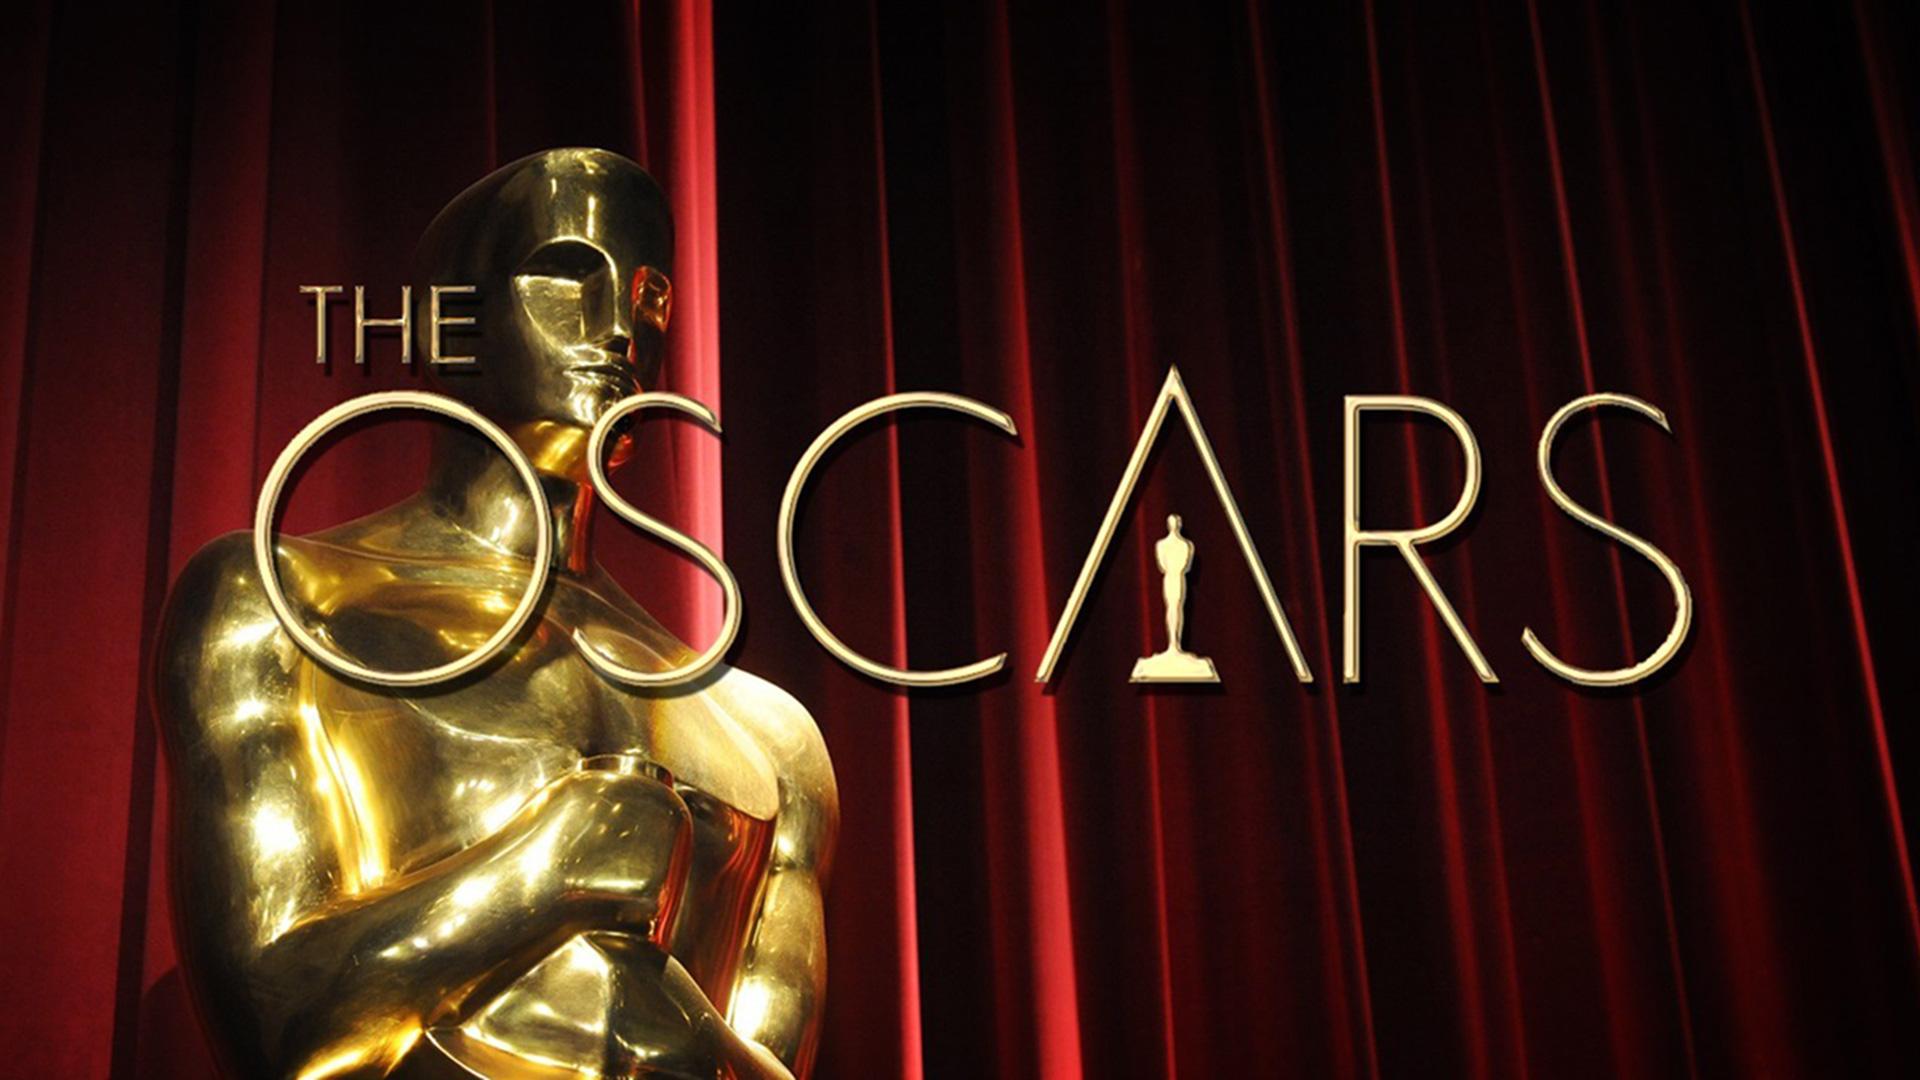 4th annual oscar ballot jacob burns film center - Oscar award wallpaper ...